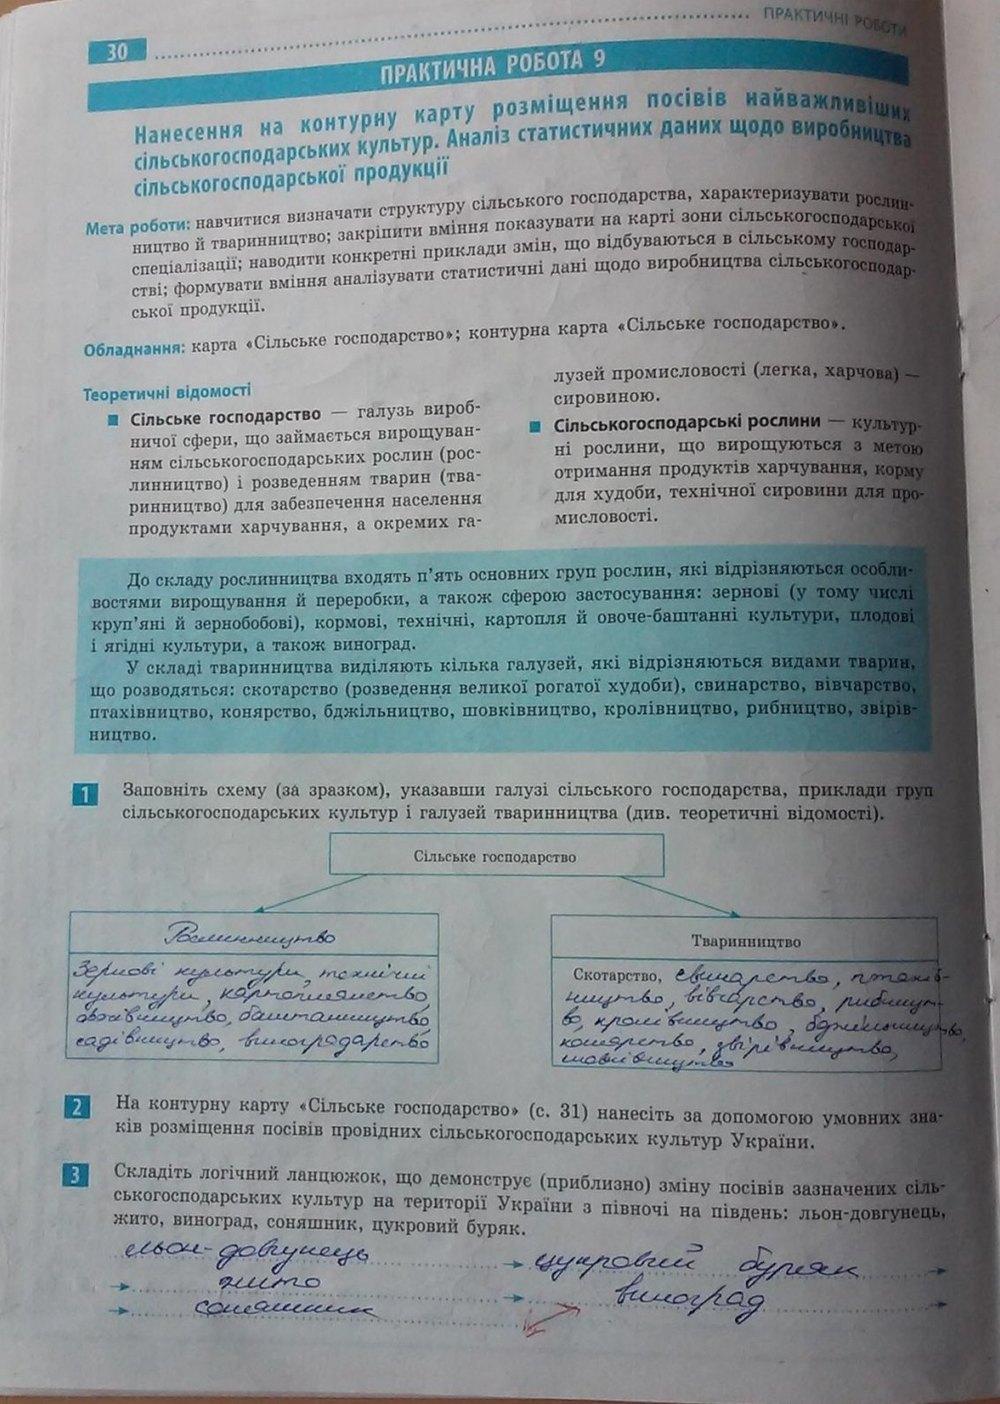 гдз зошит з практичних робіт з географії 9 клас